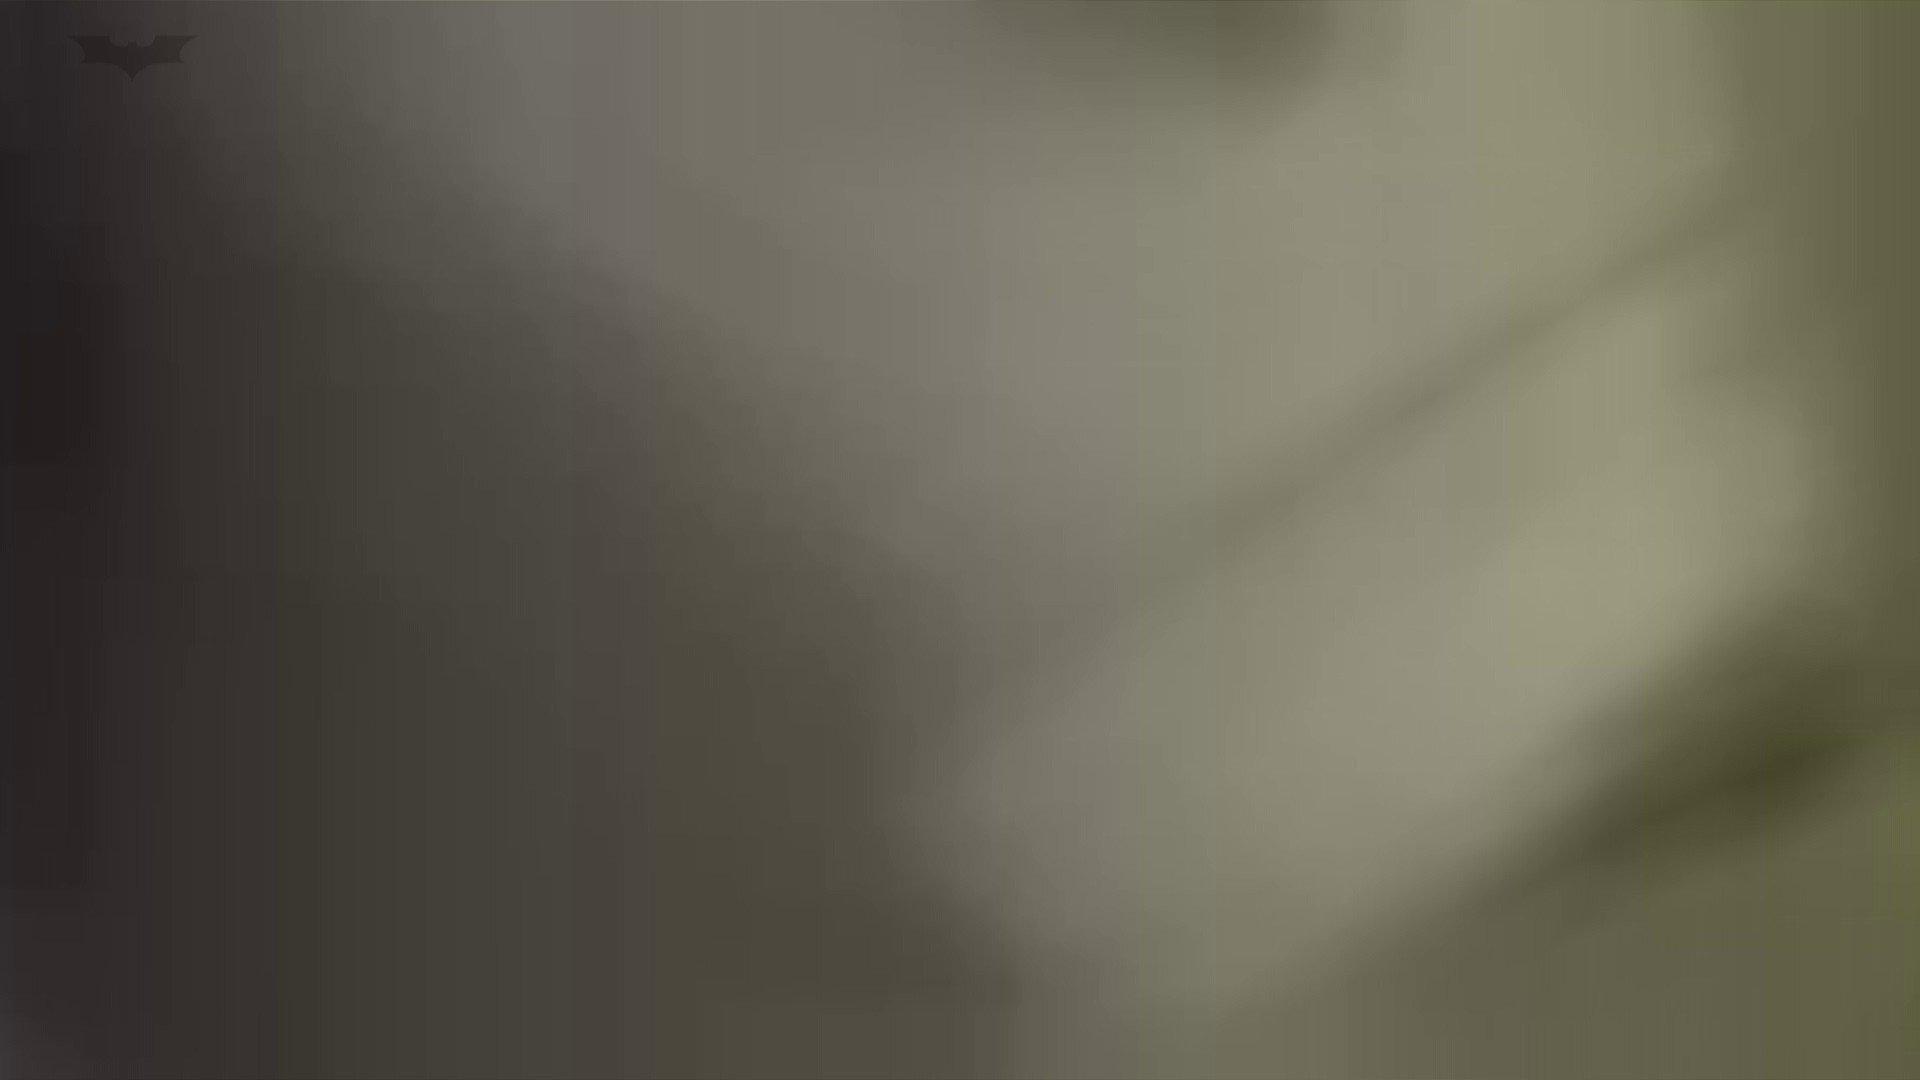 ▲復活限定▲マンコ丸見え!花火大会潜入撮Vol.01夏特番! 花火大会撮りおろし OL女体  107連発 55